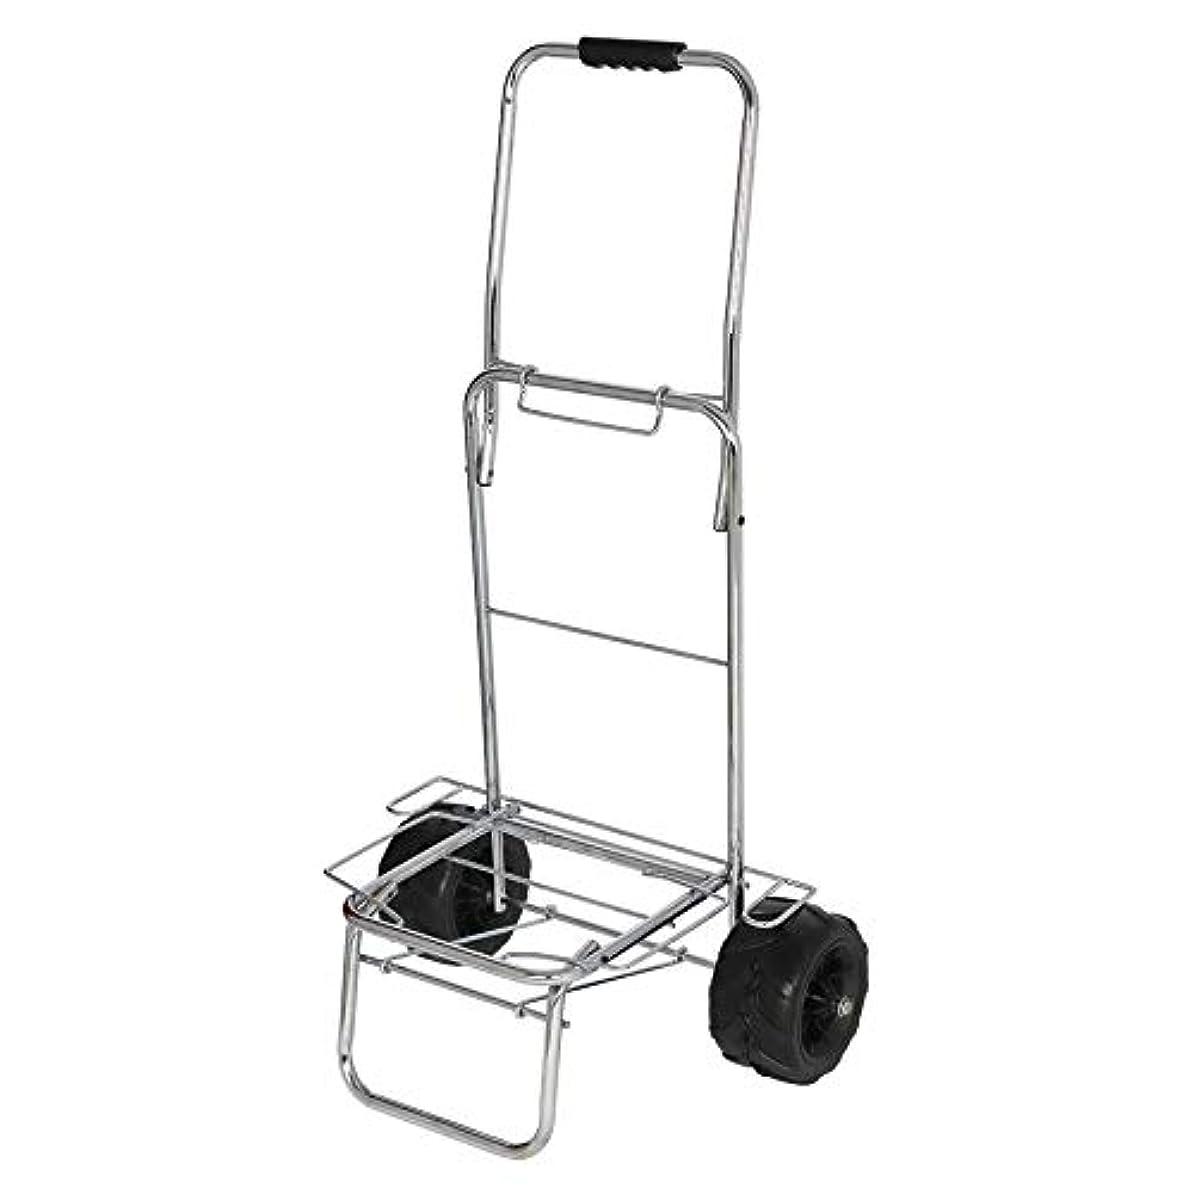 試してみる心臓長椅子タカミヤ H.B concept ワイドタイヤキャリーカート